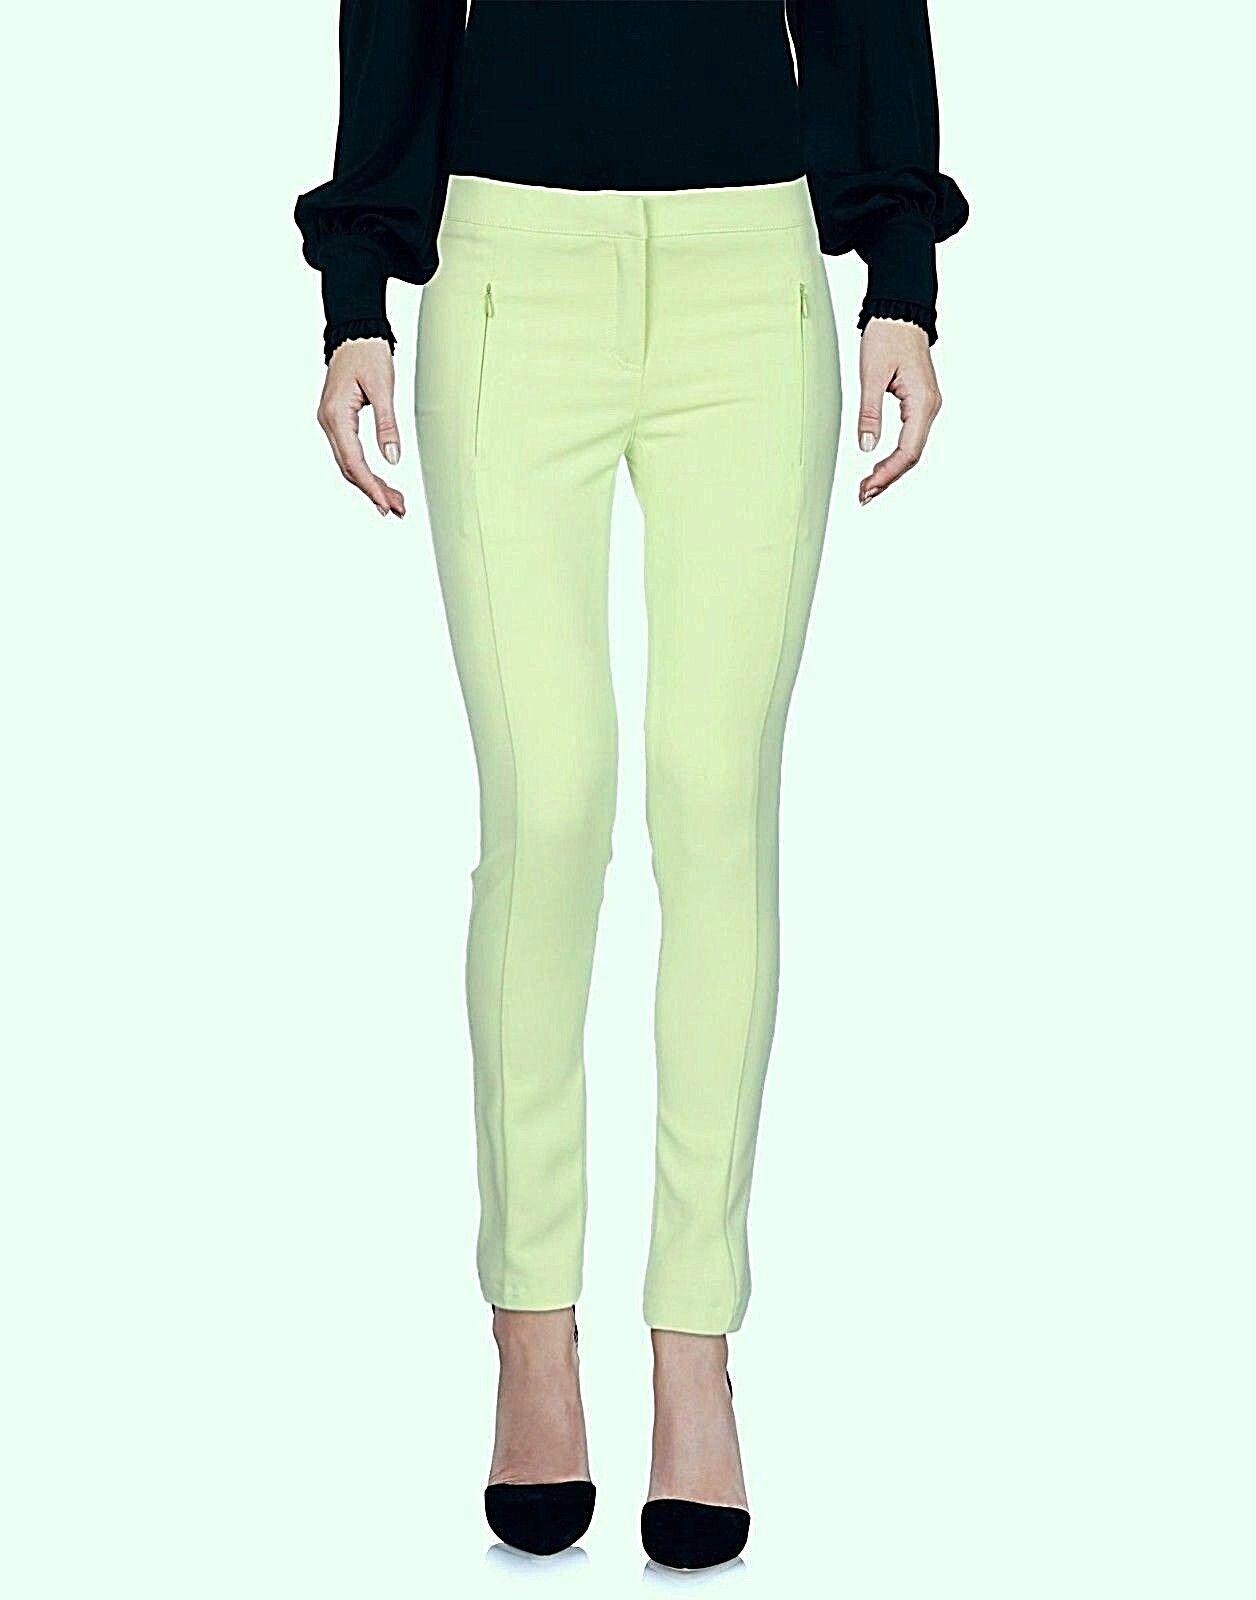 f6a81f3641 Pantaloni Donna viola ATOS LOMBARDINI Made Made Made in I115 Tg 46 ...